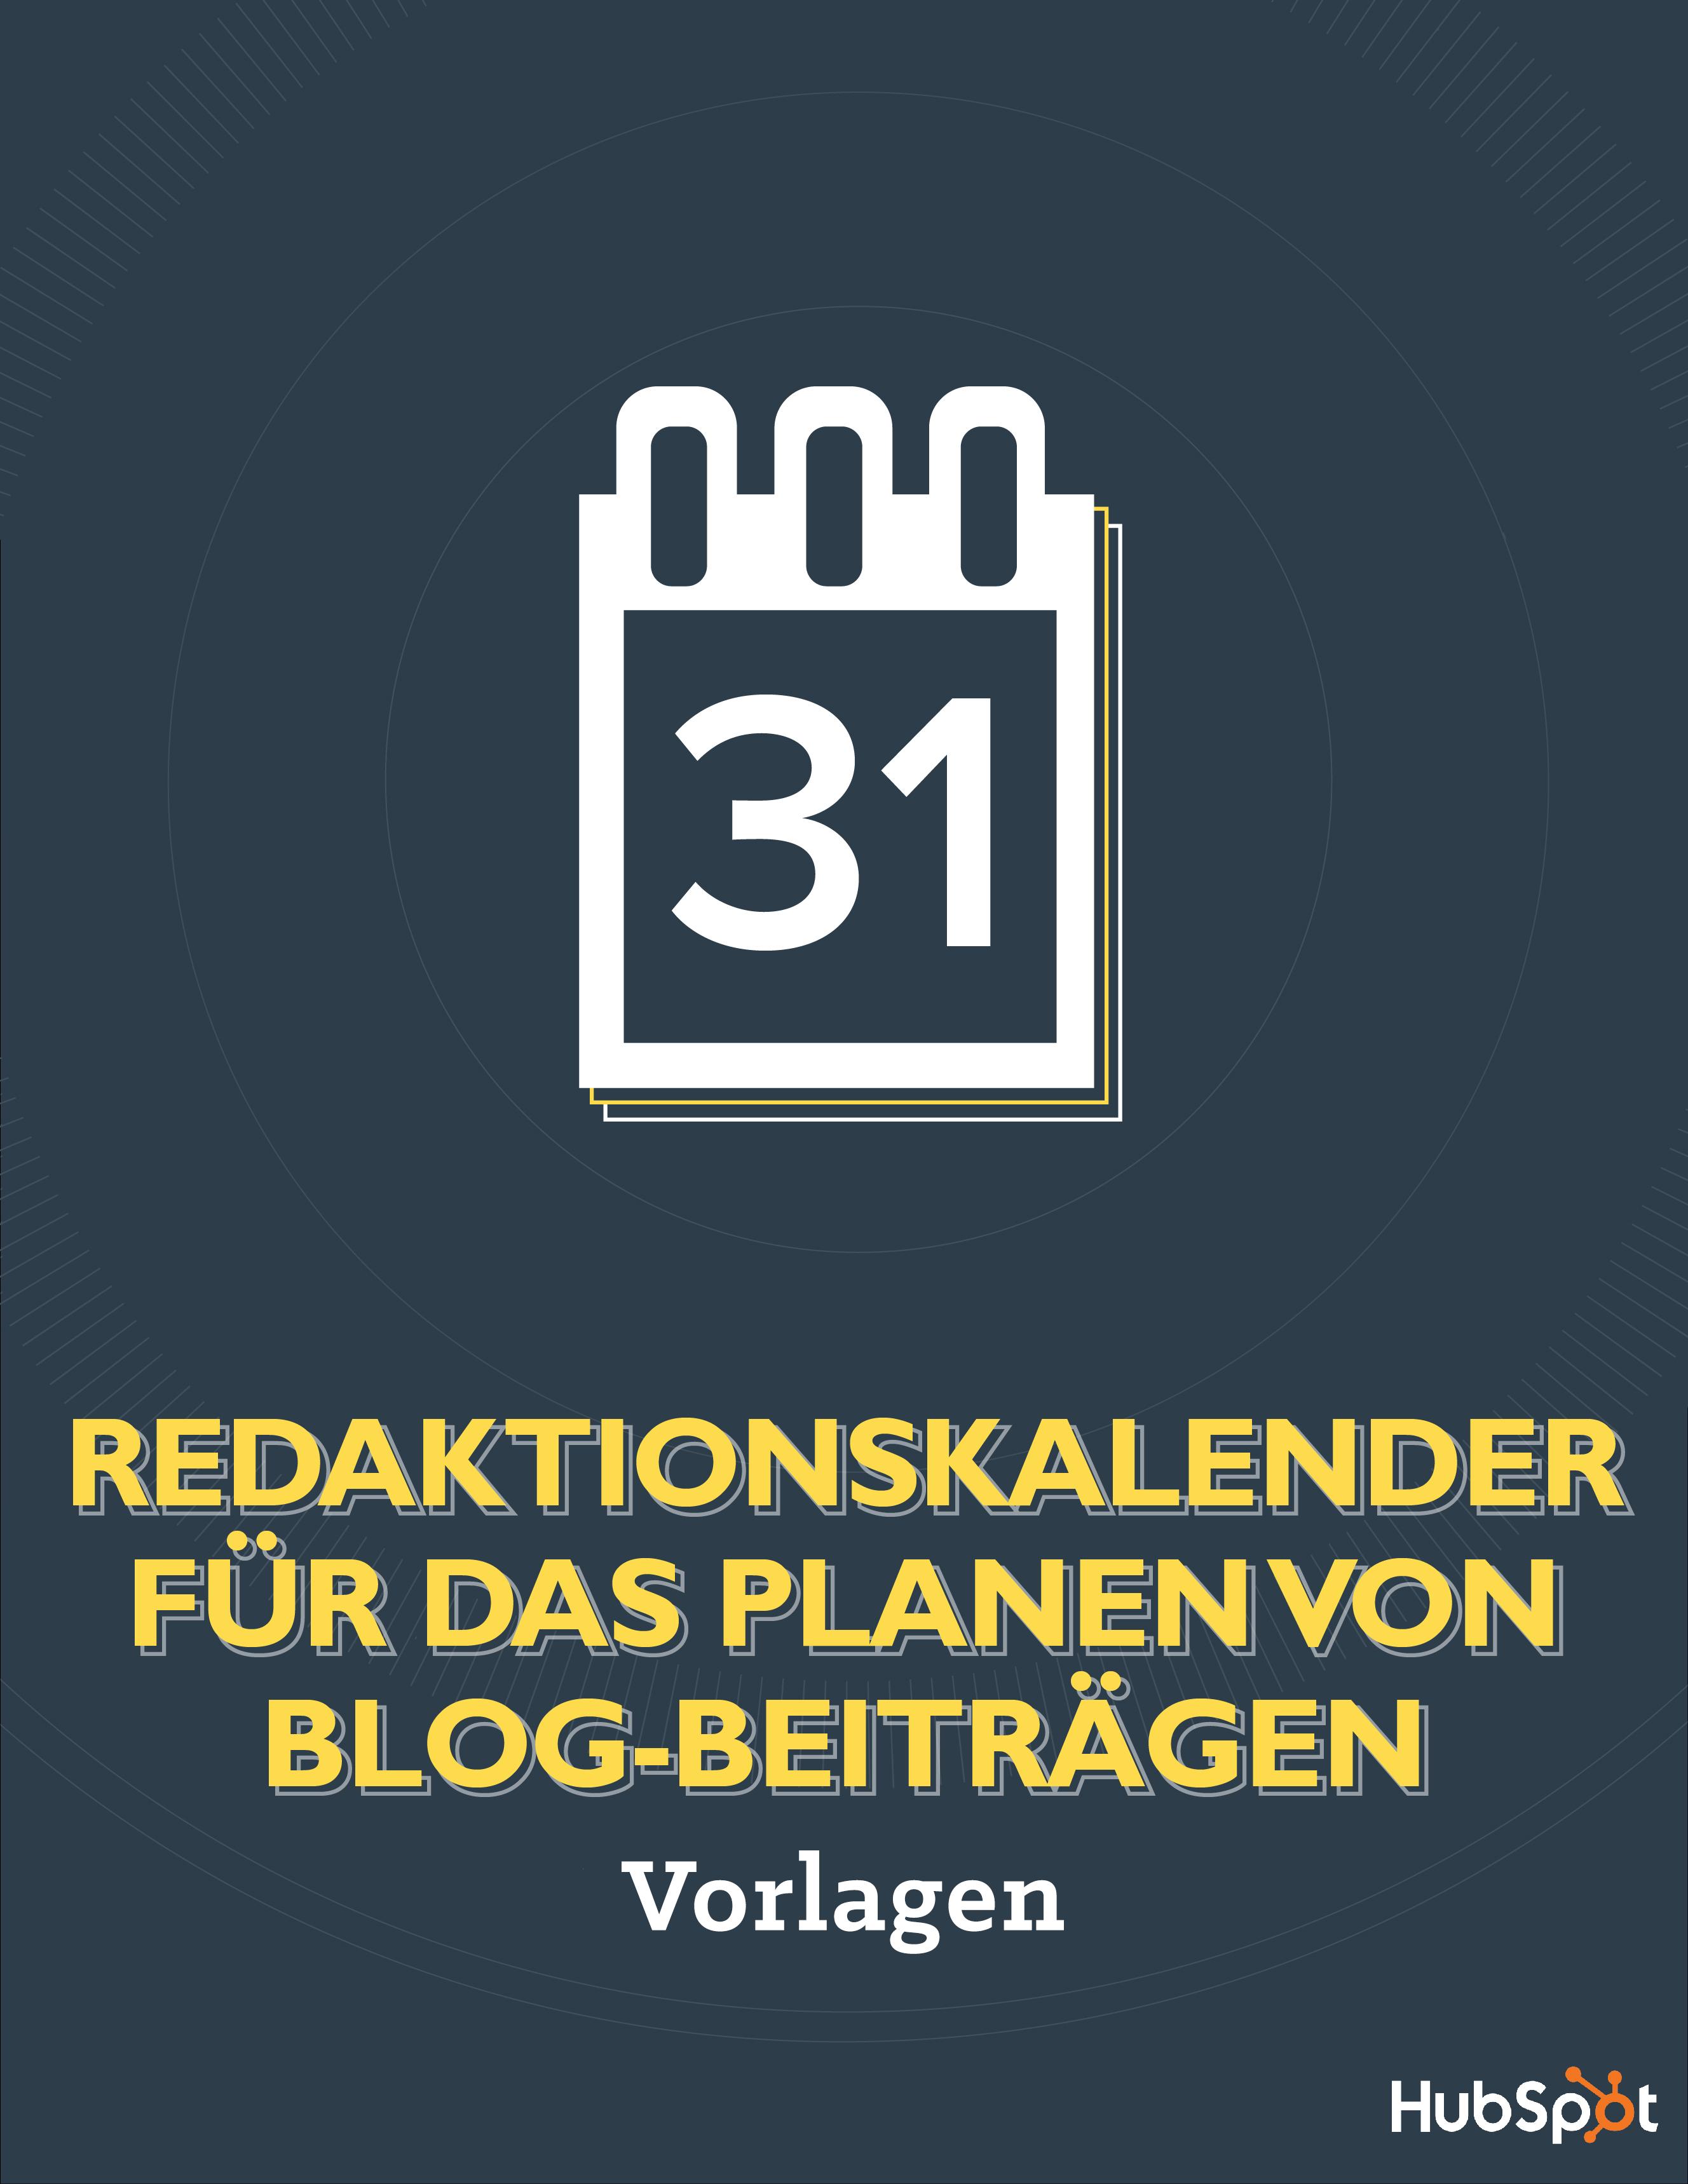 REDAKTIONSKALENDER FÜR DAS PLANEN VON BLOG-BEITRÄGEN